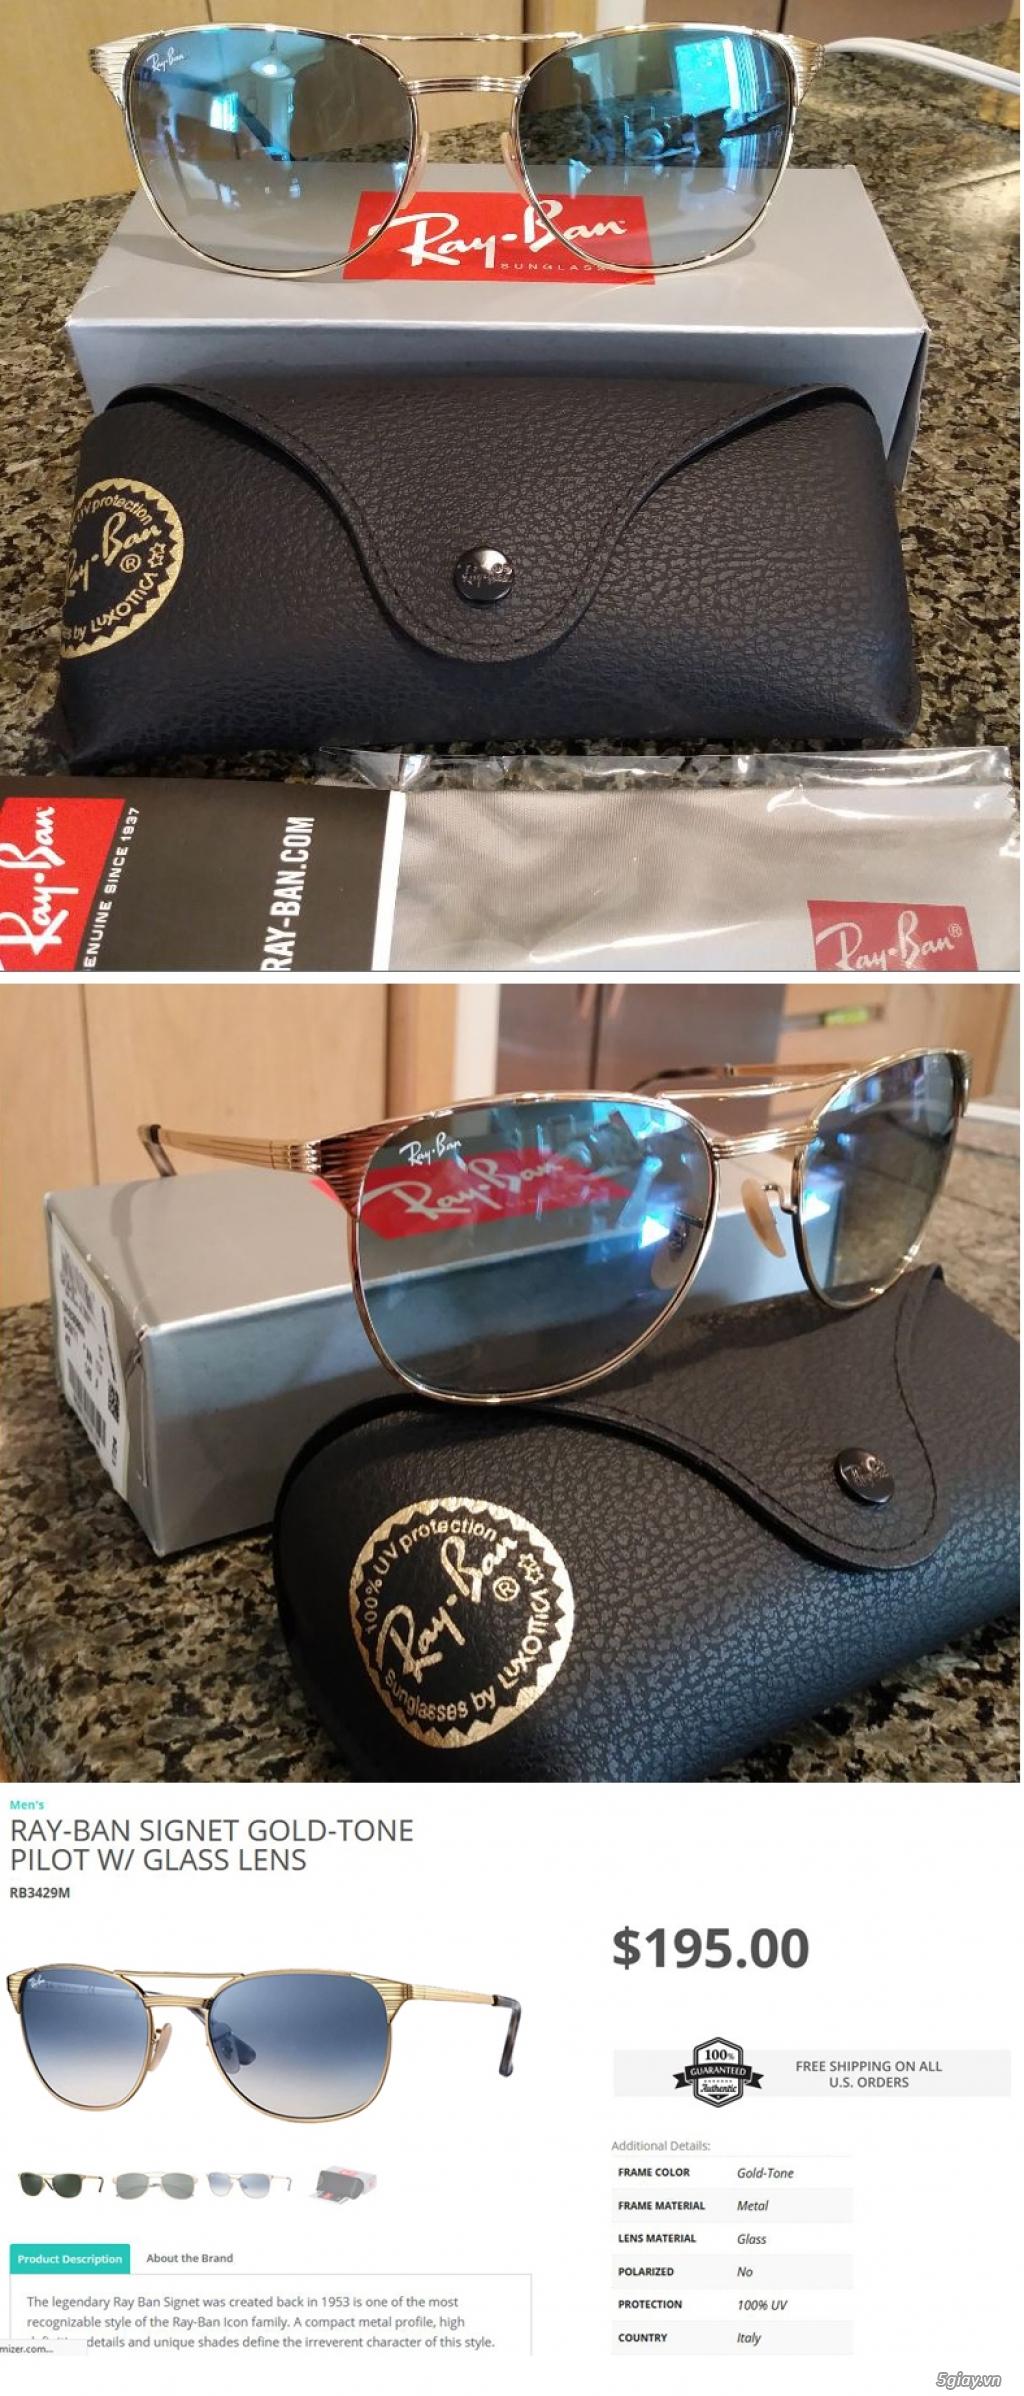 Những Mắt Kính Đẹp & Sang Trọng chính mình xách tay/gửi từ Mỹ về.  Armani, D&G, Prada, Ray-Ban, Polo - 12